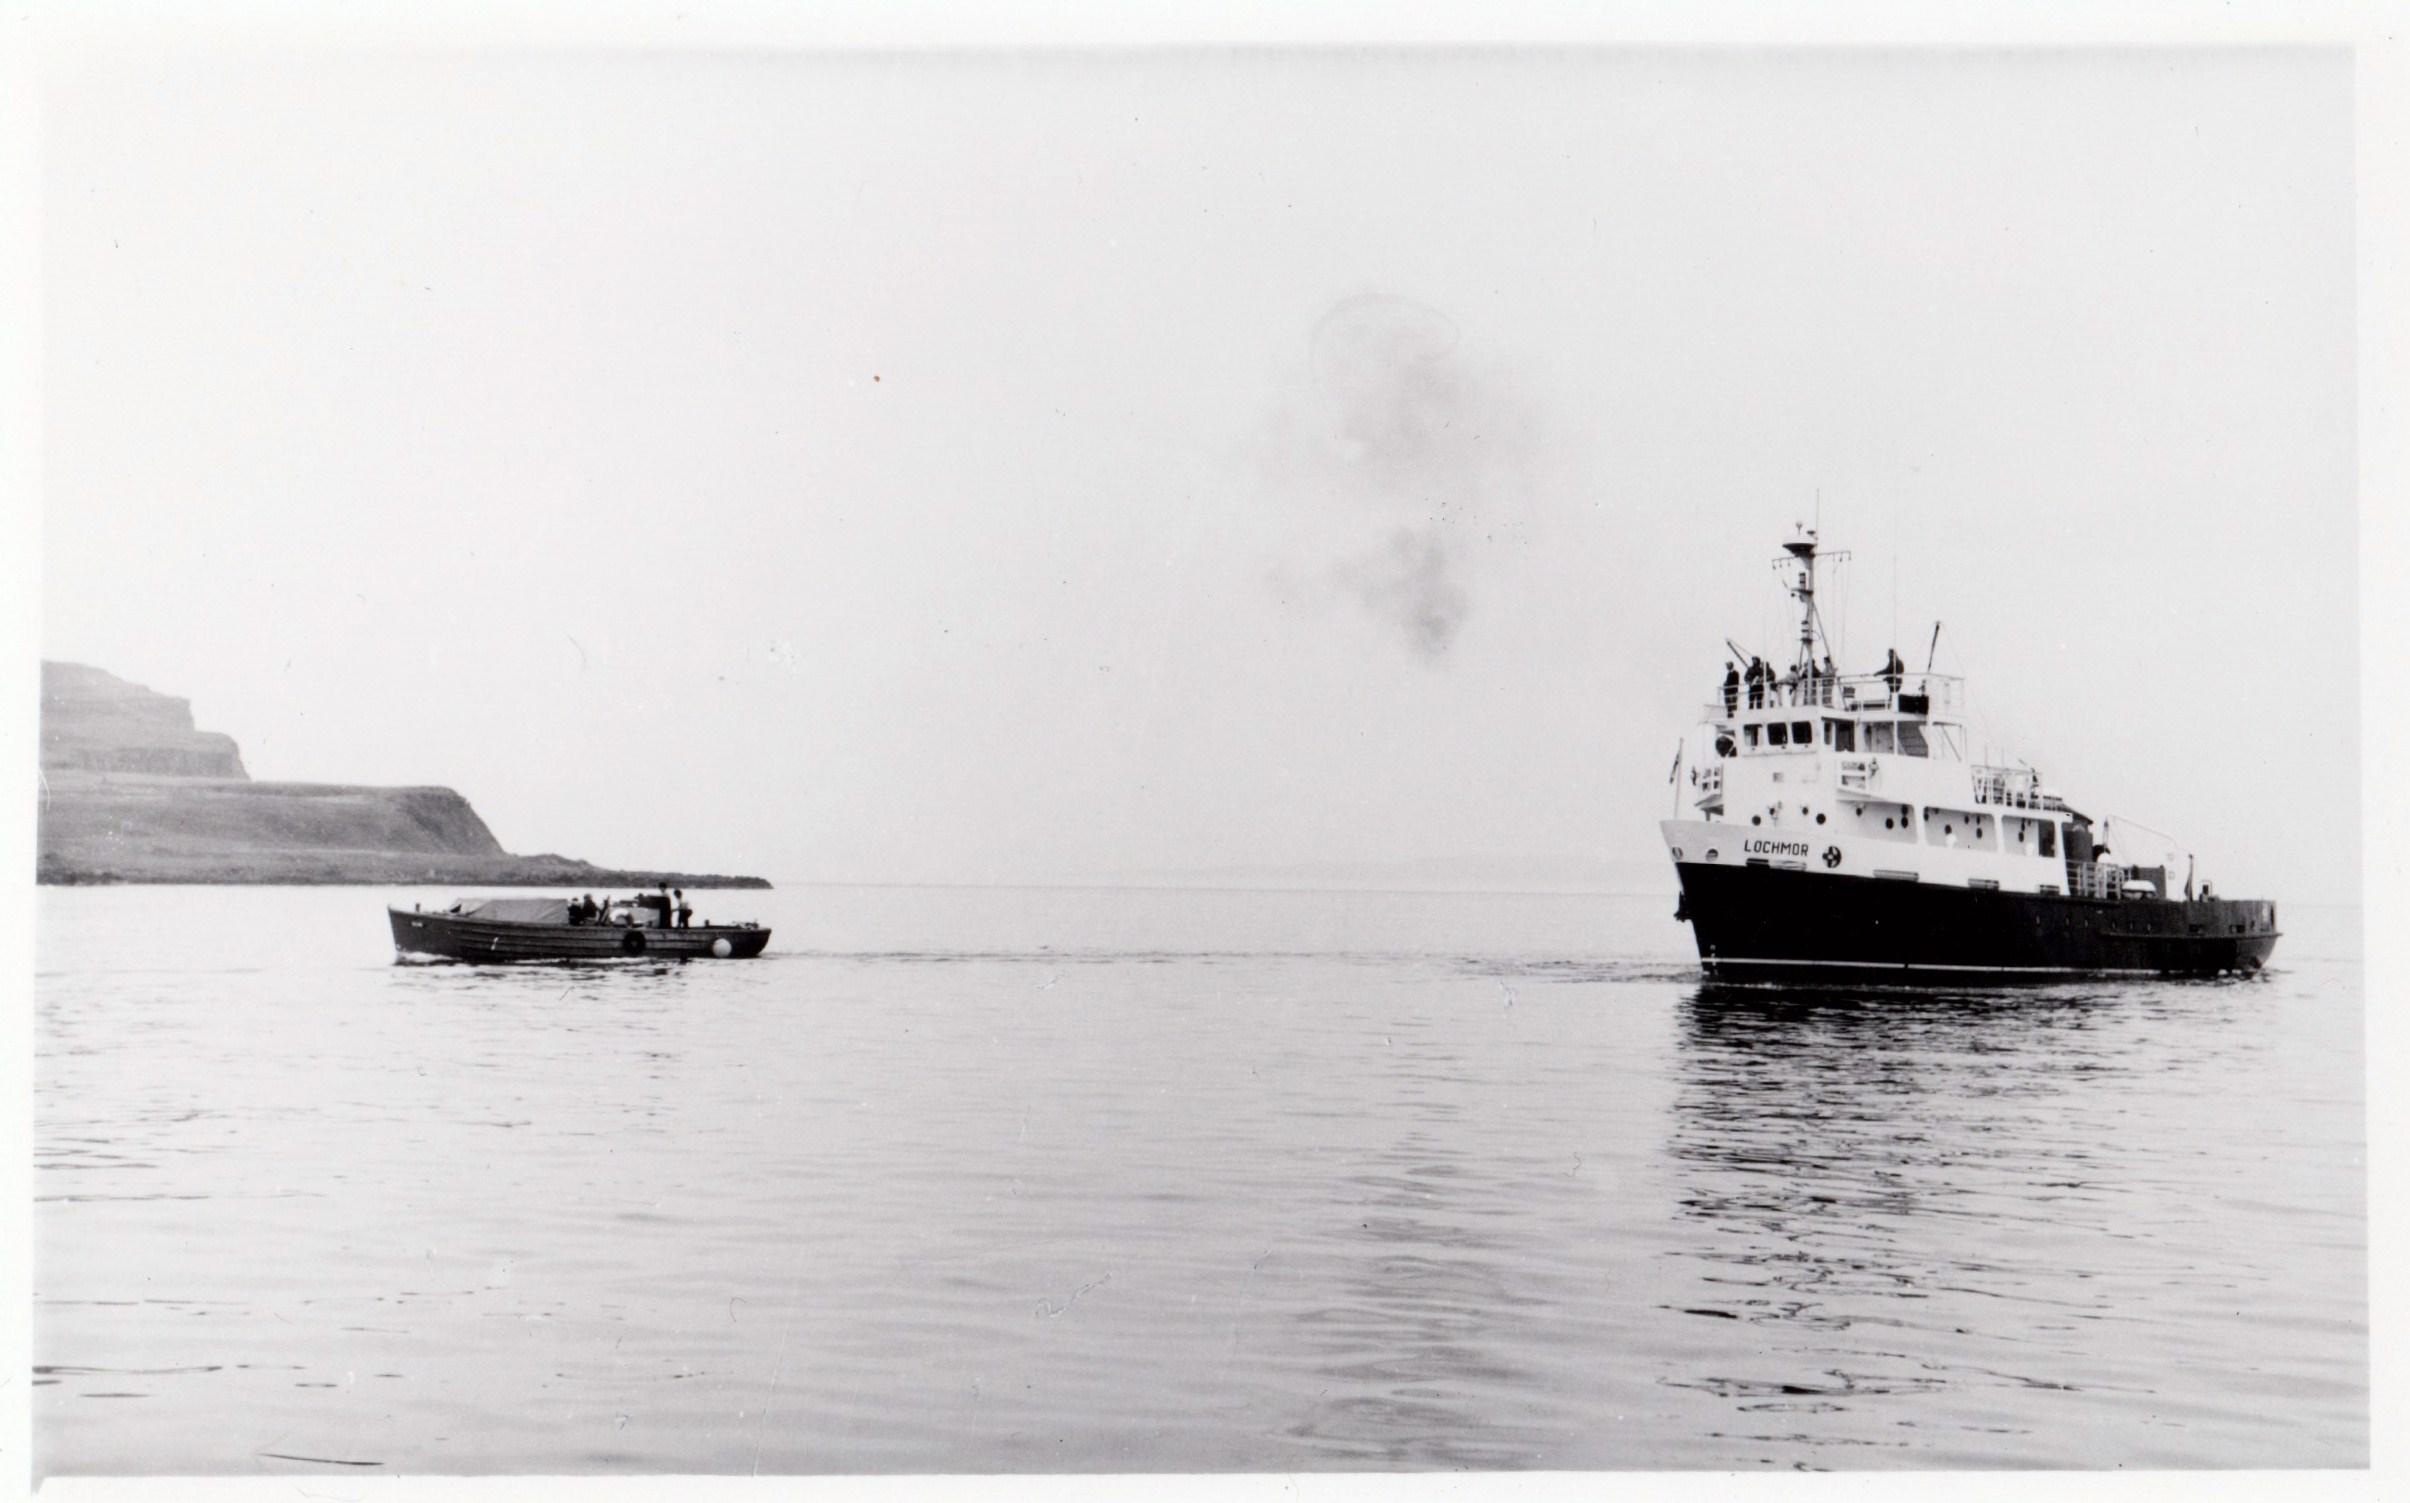 Lochmor and Ulva off Eigg